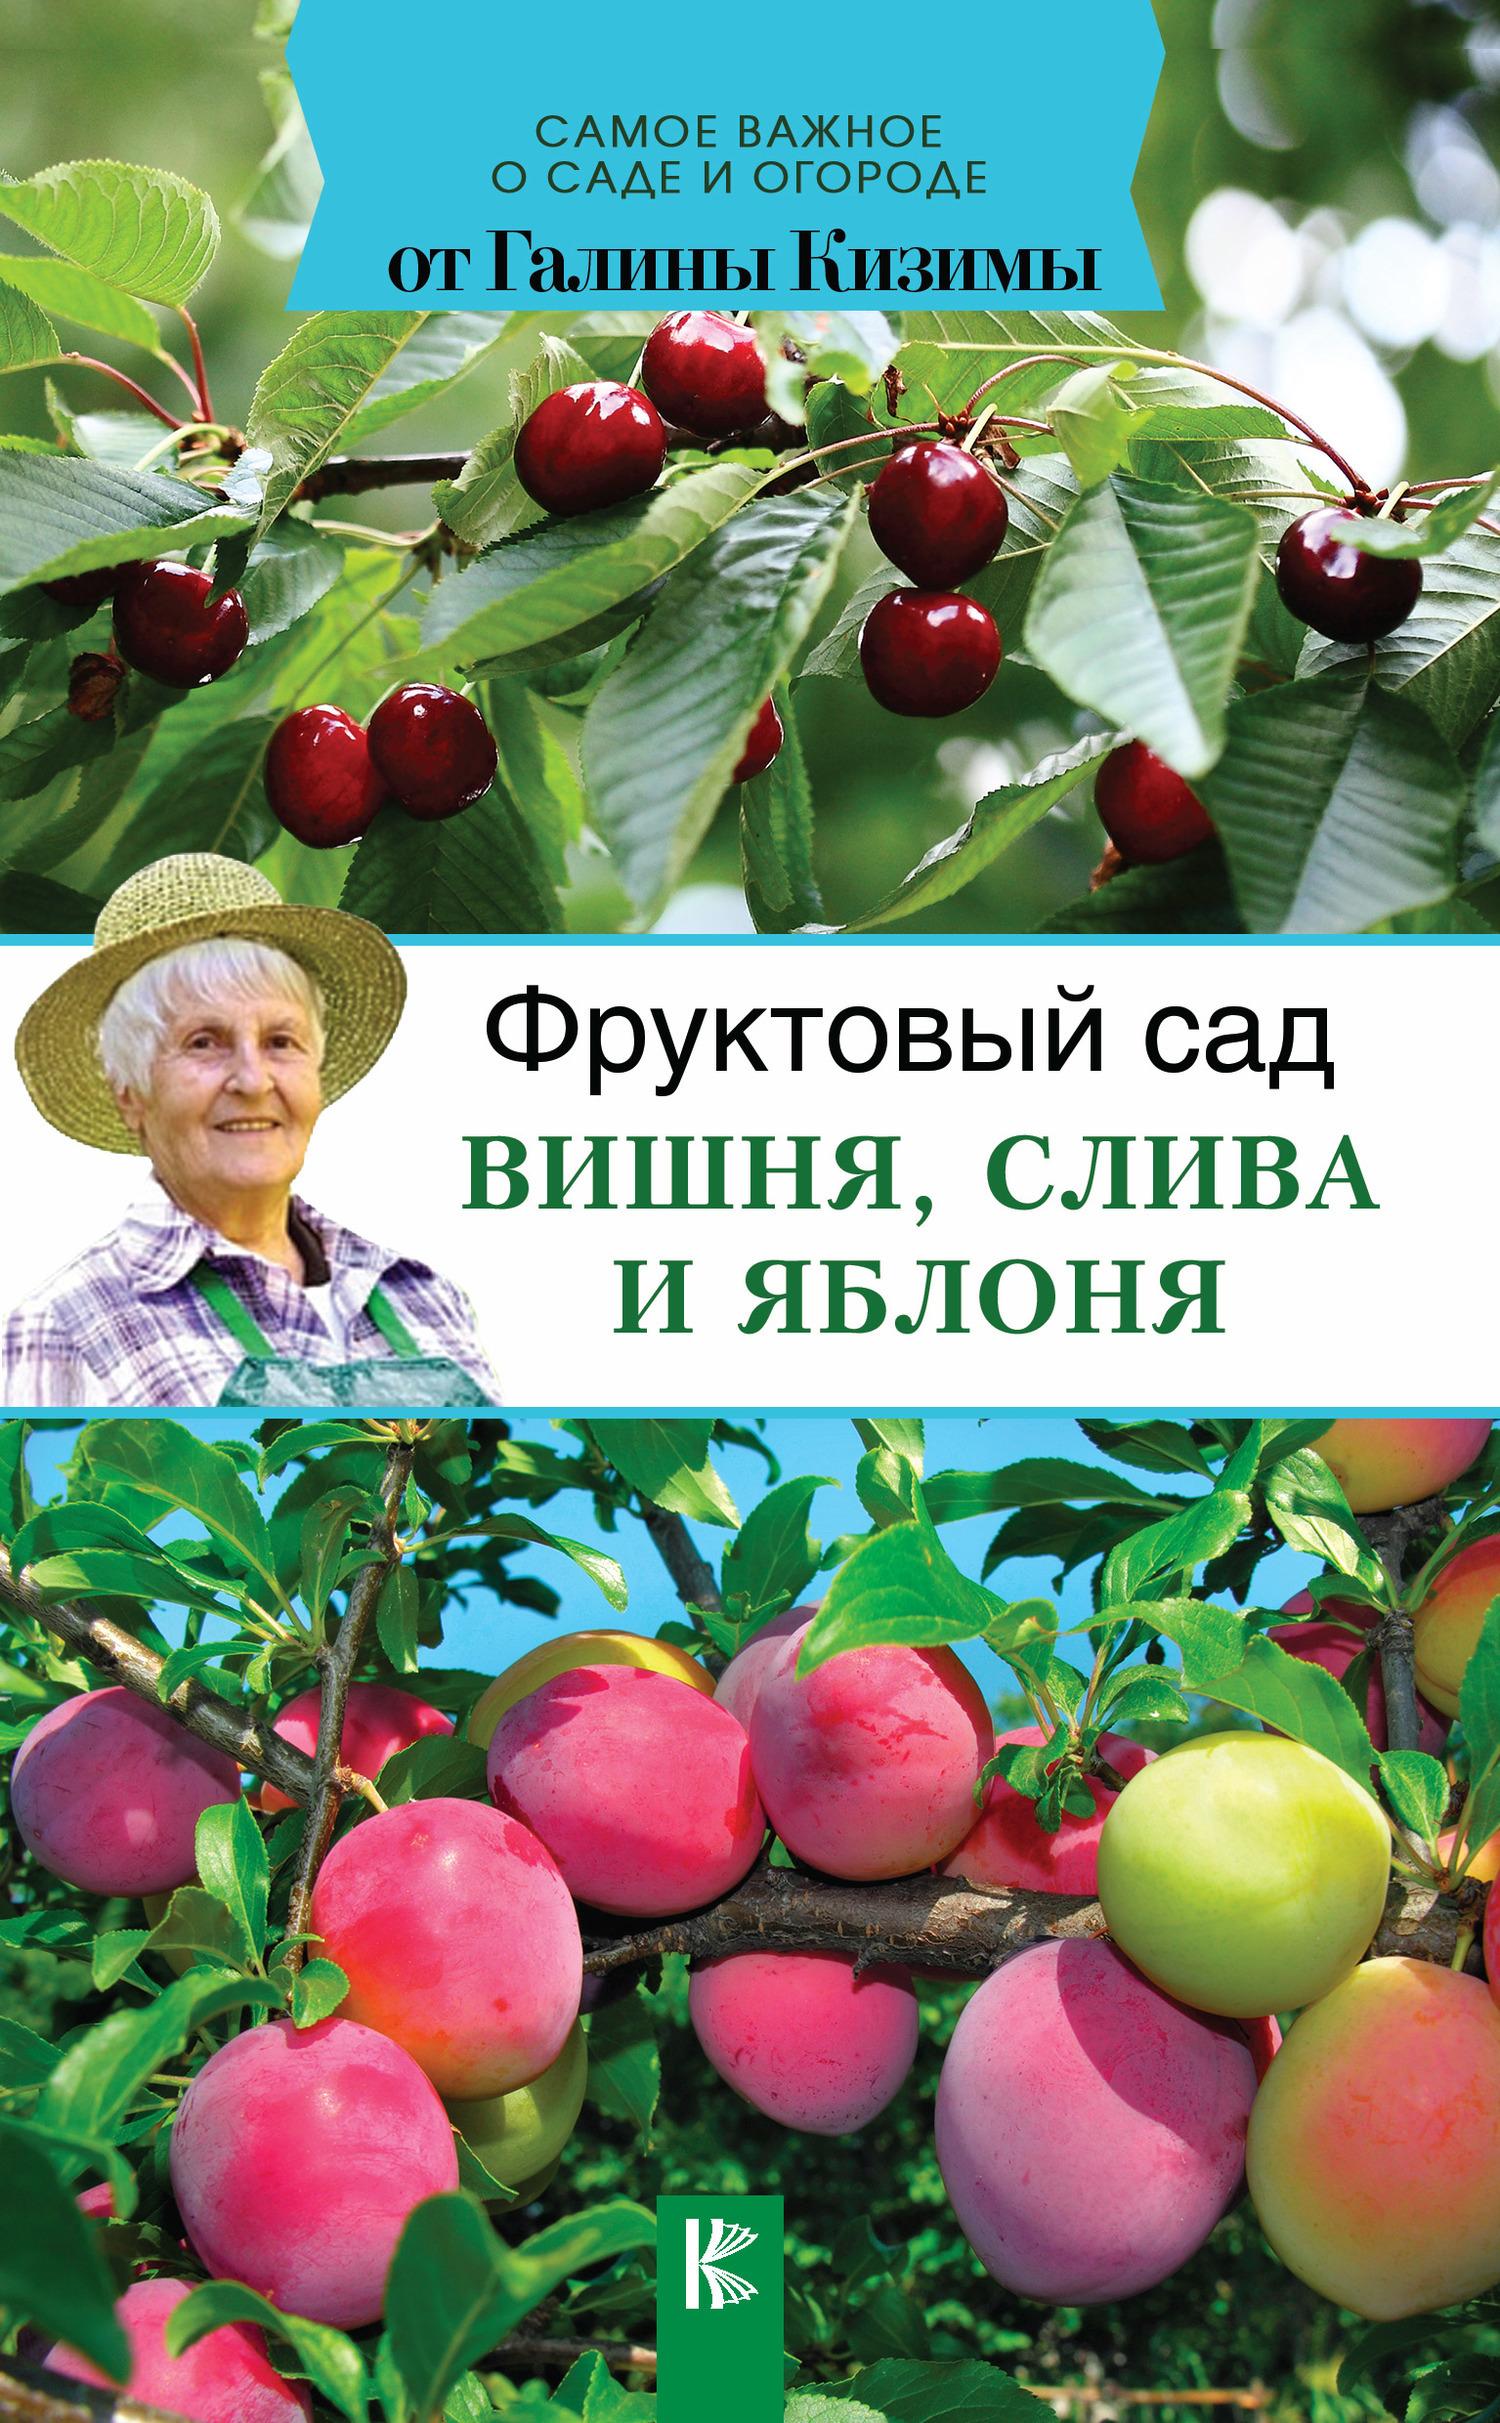 Скачать Фруктовый сад. Вишня, слива и яблоня быстро